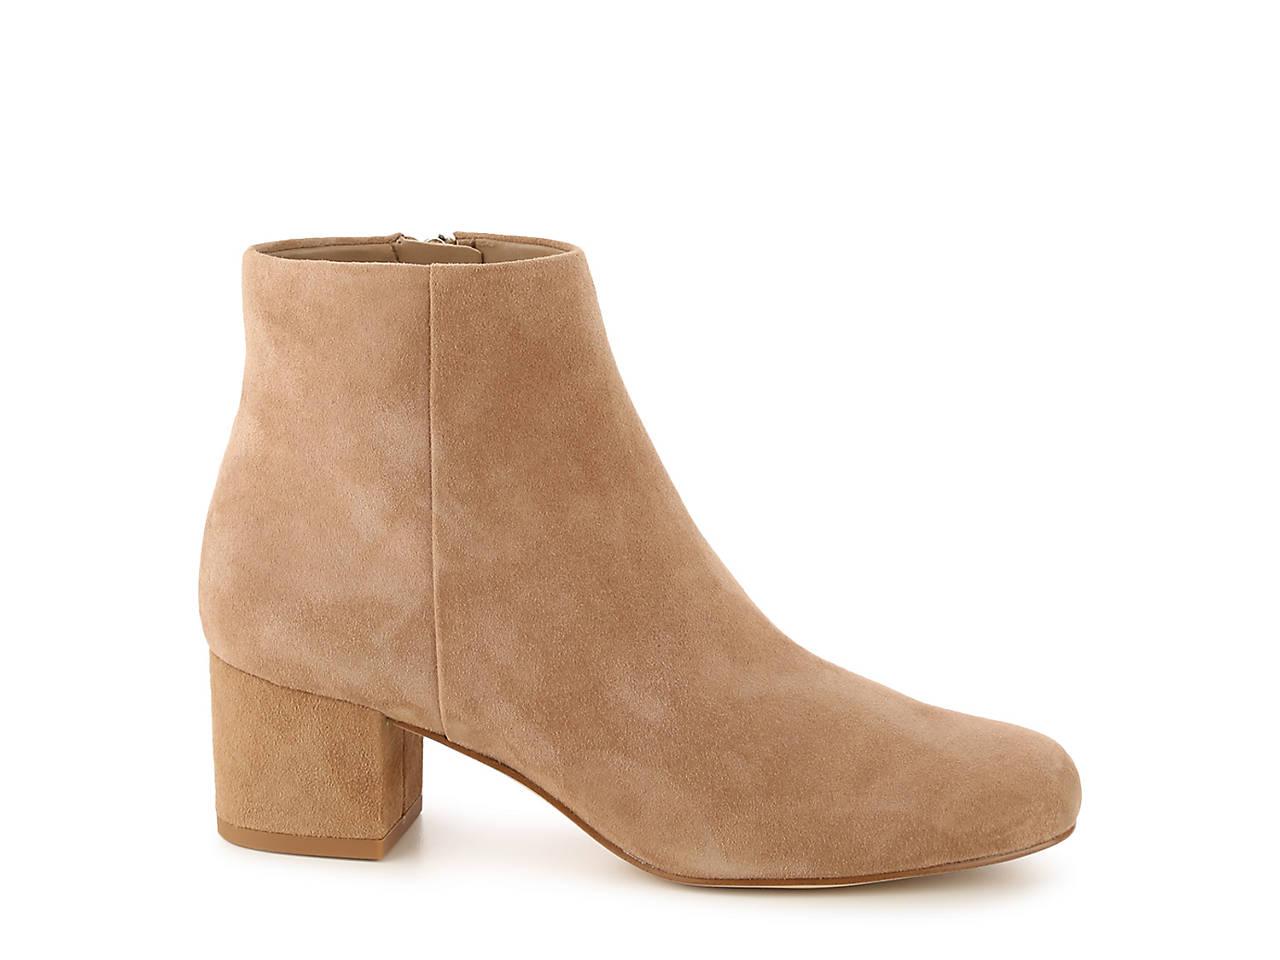 48551e0736e445 Sam Edelman Edith Bootie Women s Shoes